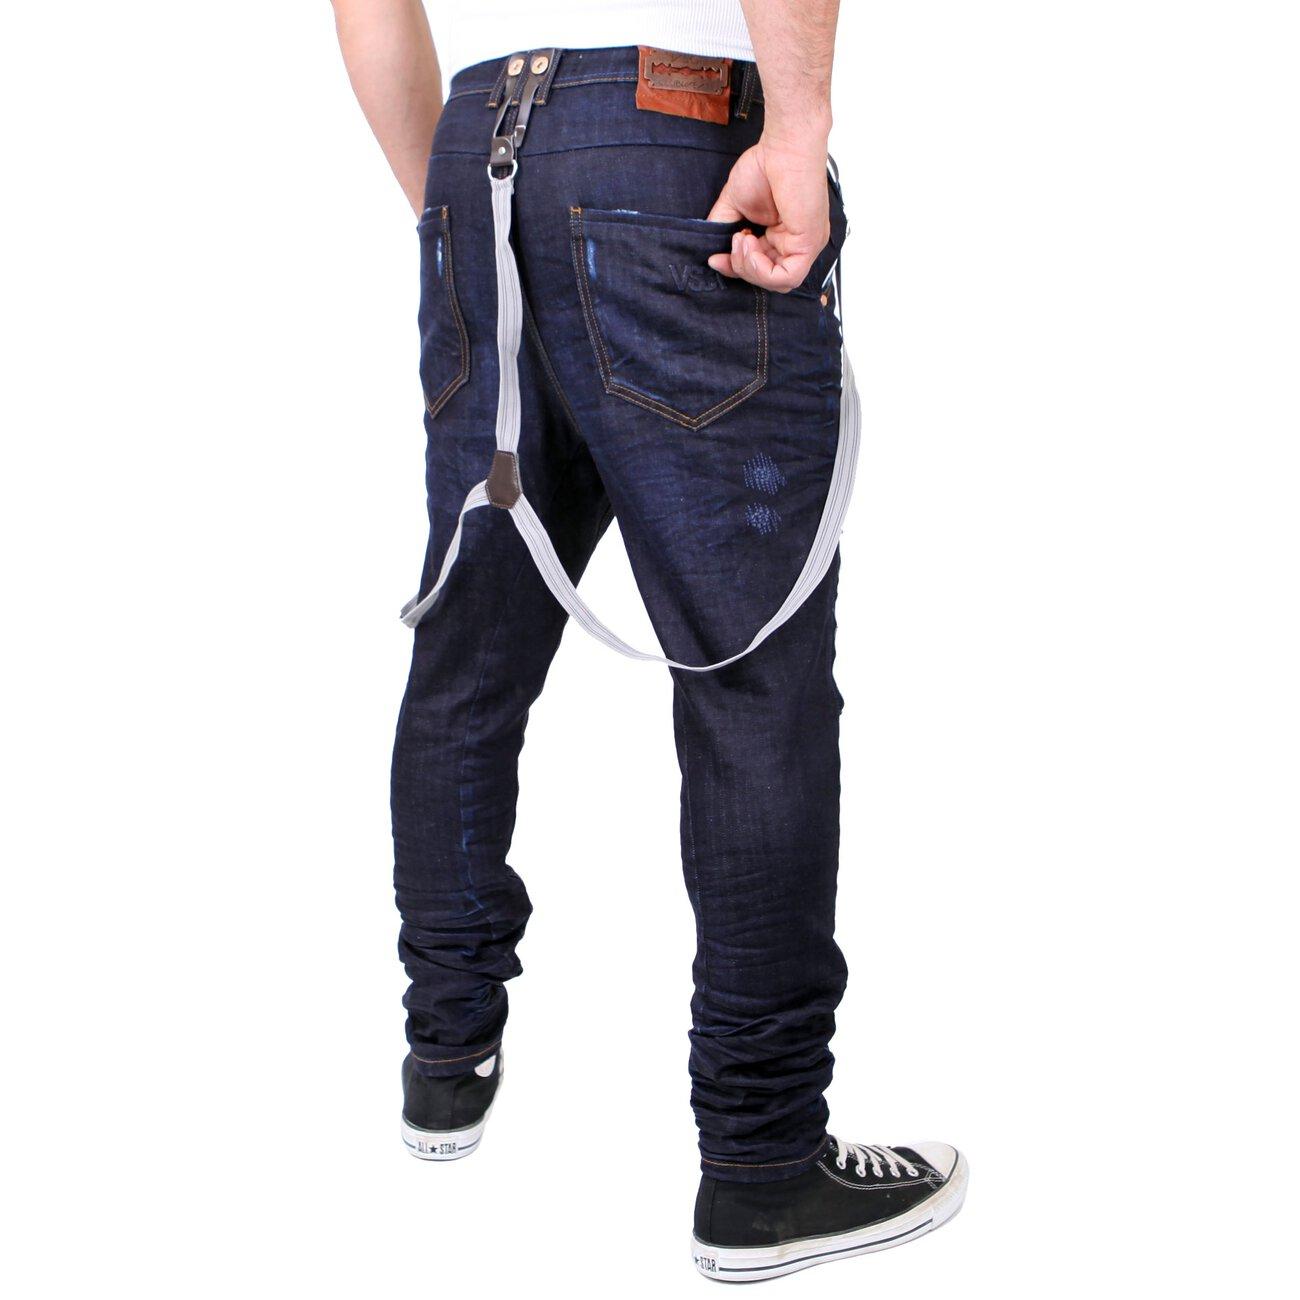 vsct jeans herren slim fit rinsed mit hosentr ger g nstig. Black Bedroom Furniture Sets. Home Design Ideas